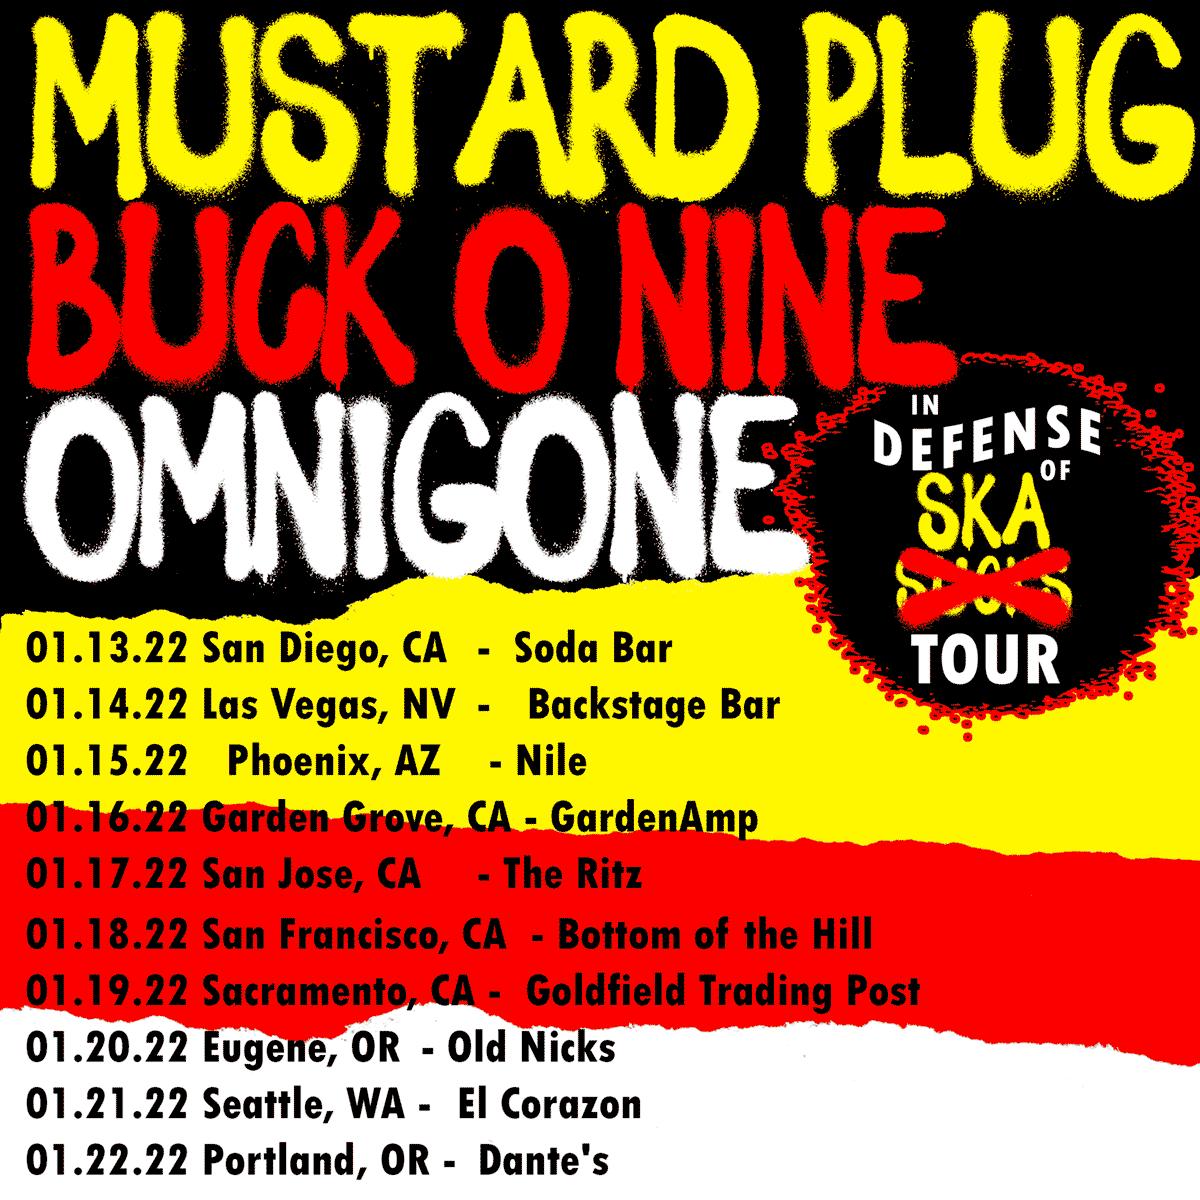 Buck-O-Nine on Tour 2022